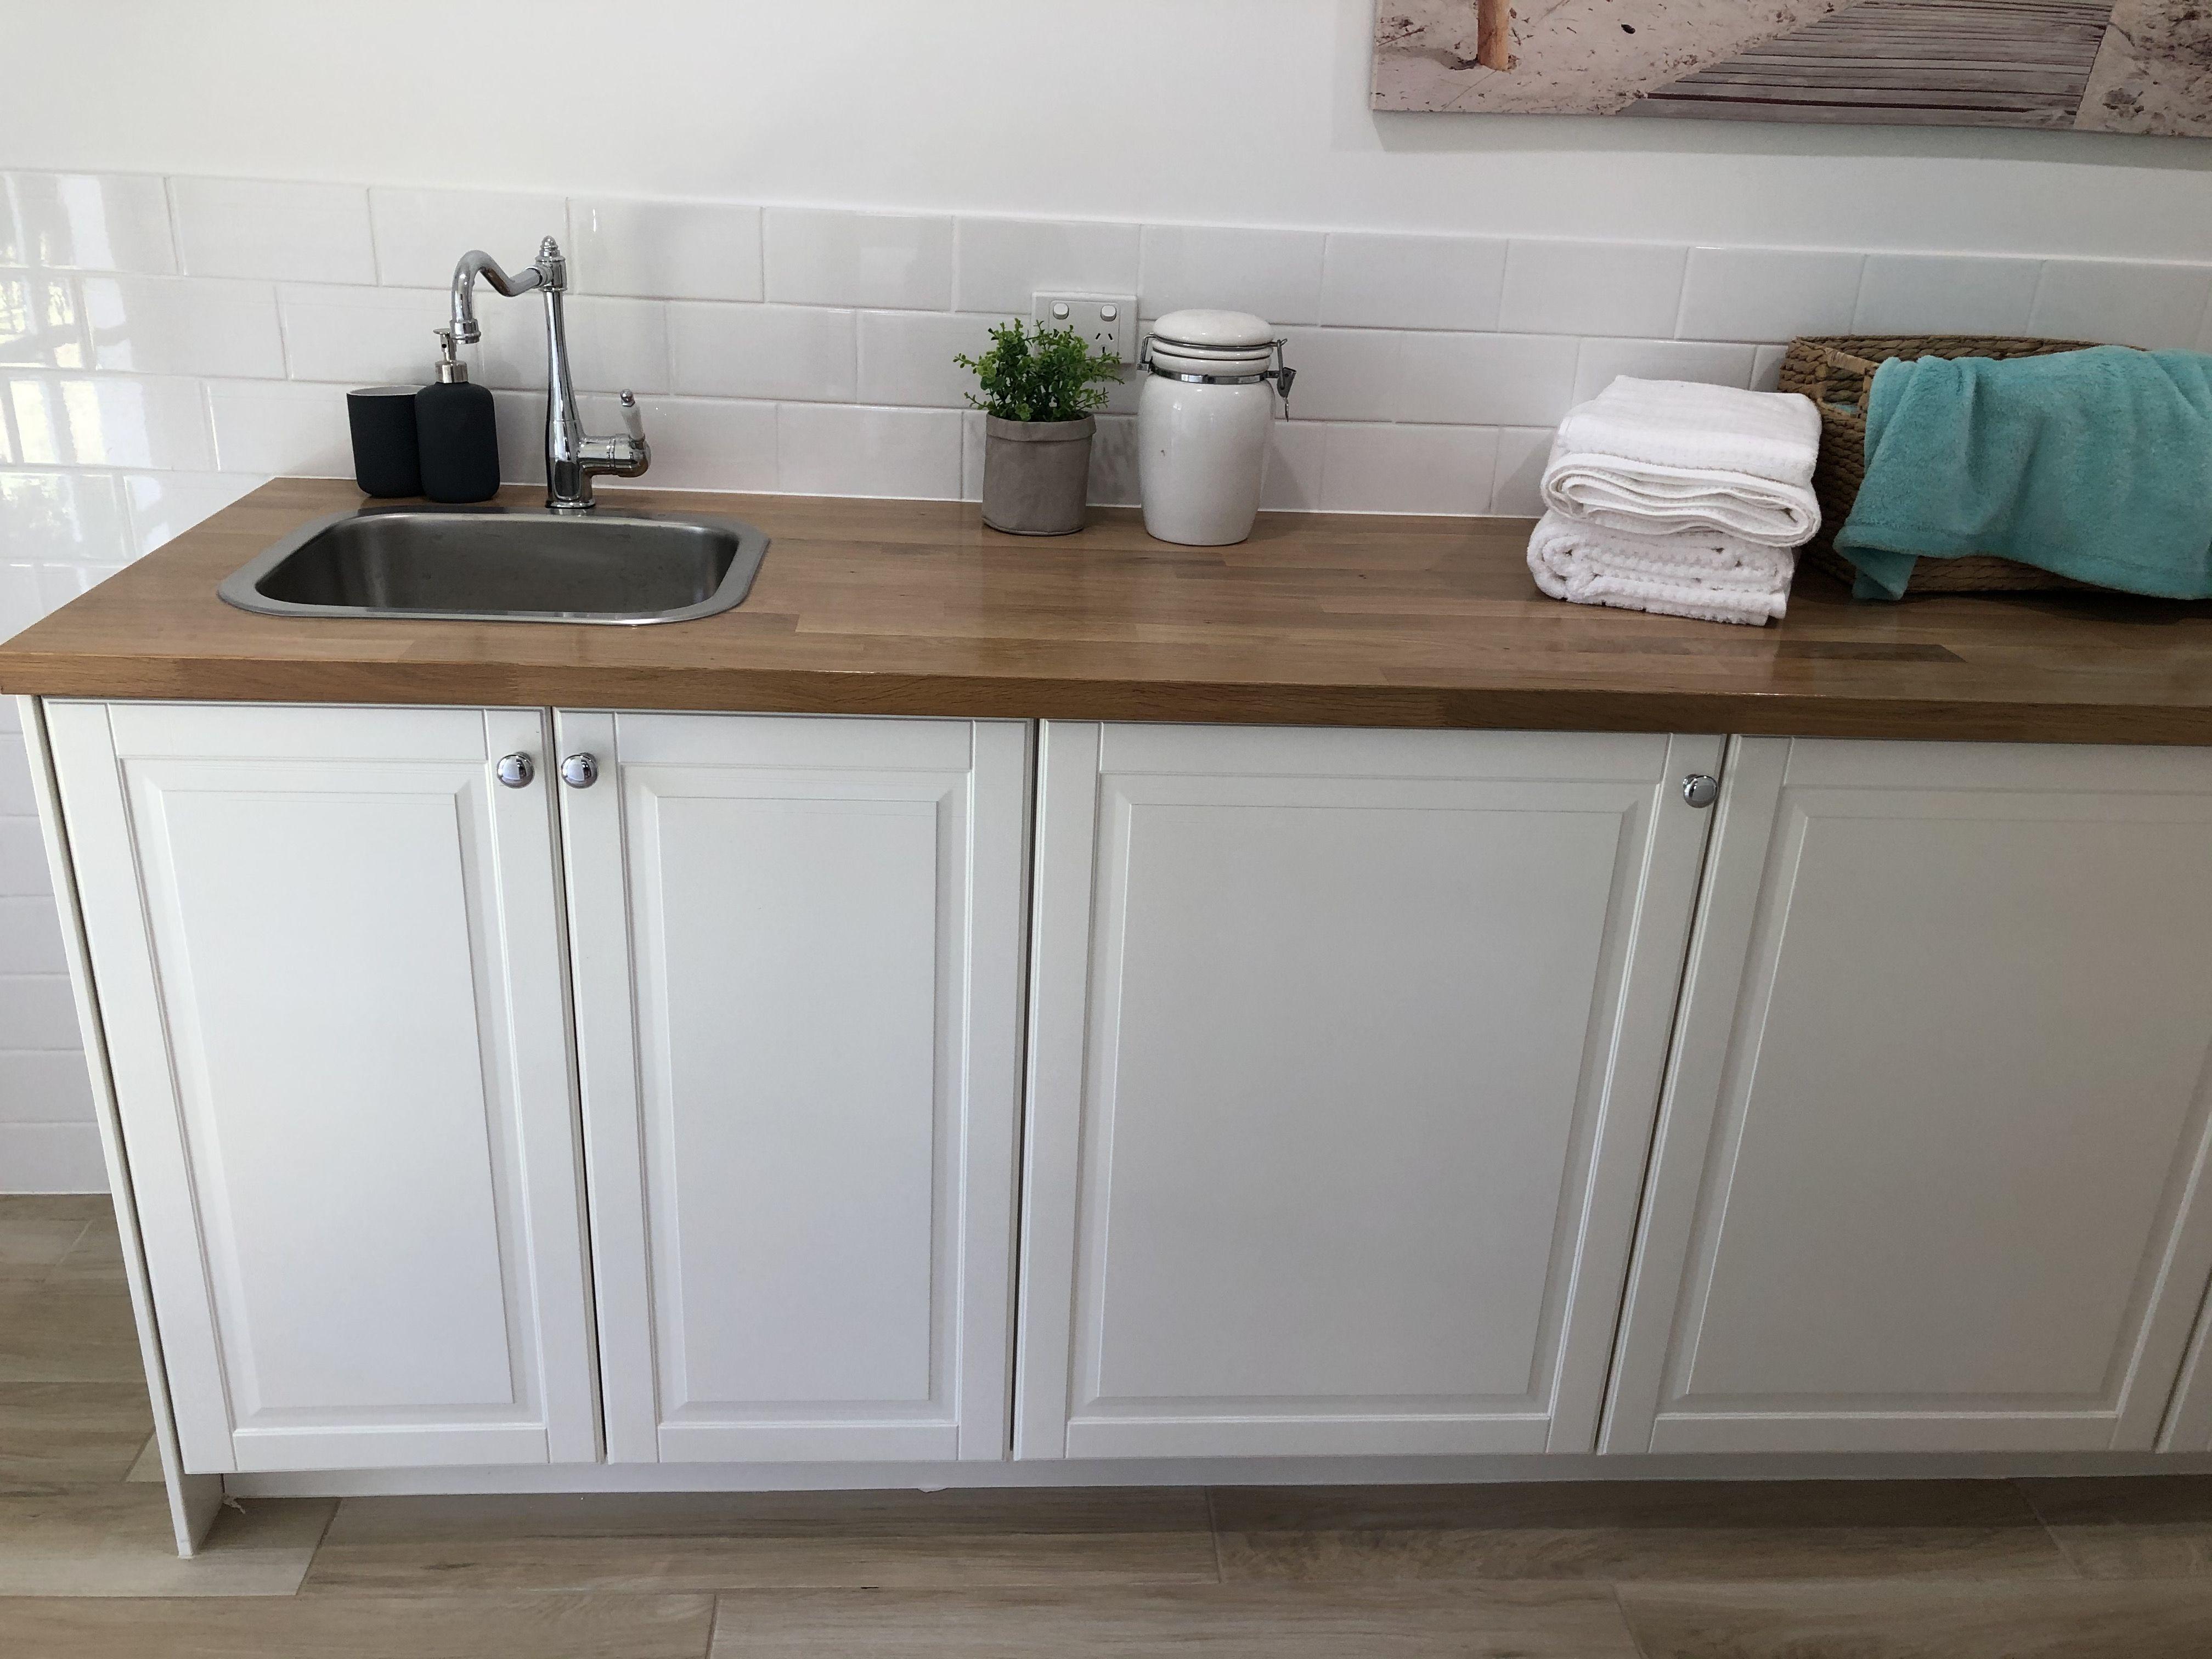 pin by irelna lowrie on queenslander love in 2020 kitchen cabinets home decor kitchen on kitchen interior queenslander id=30349